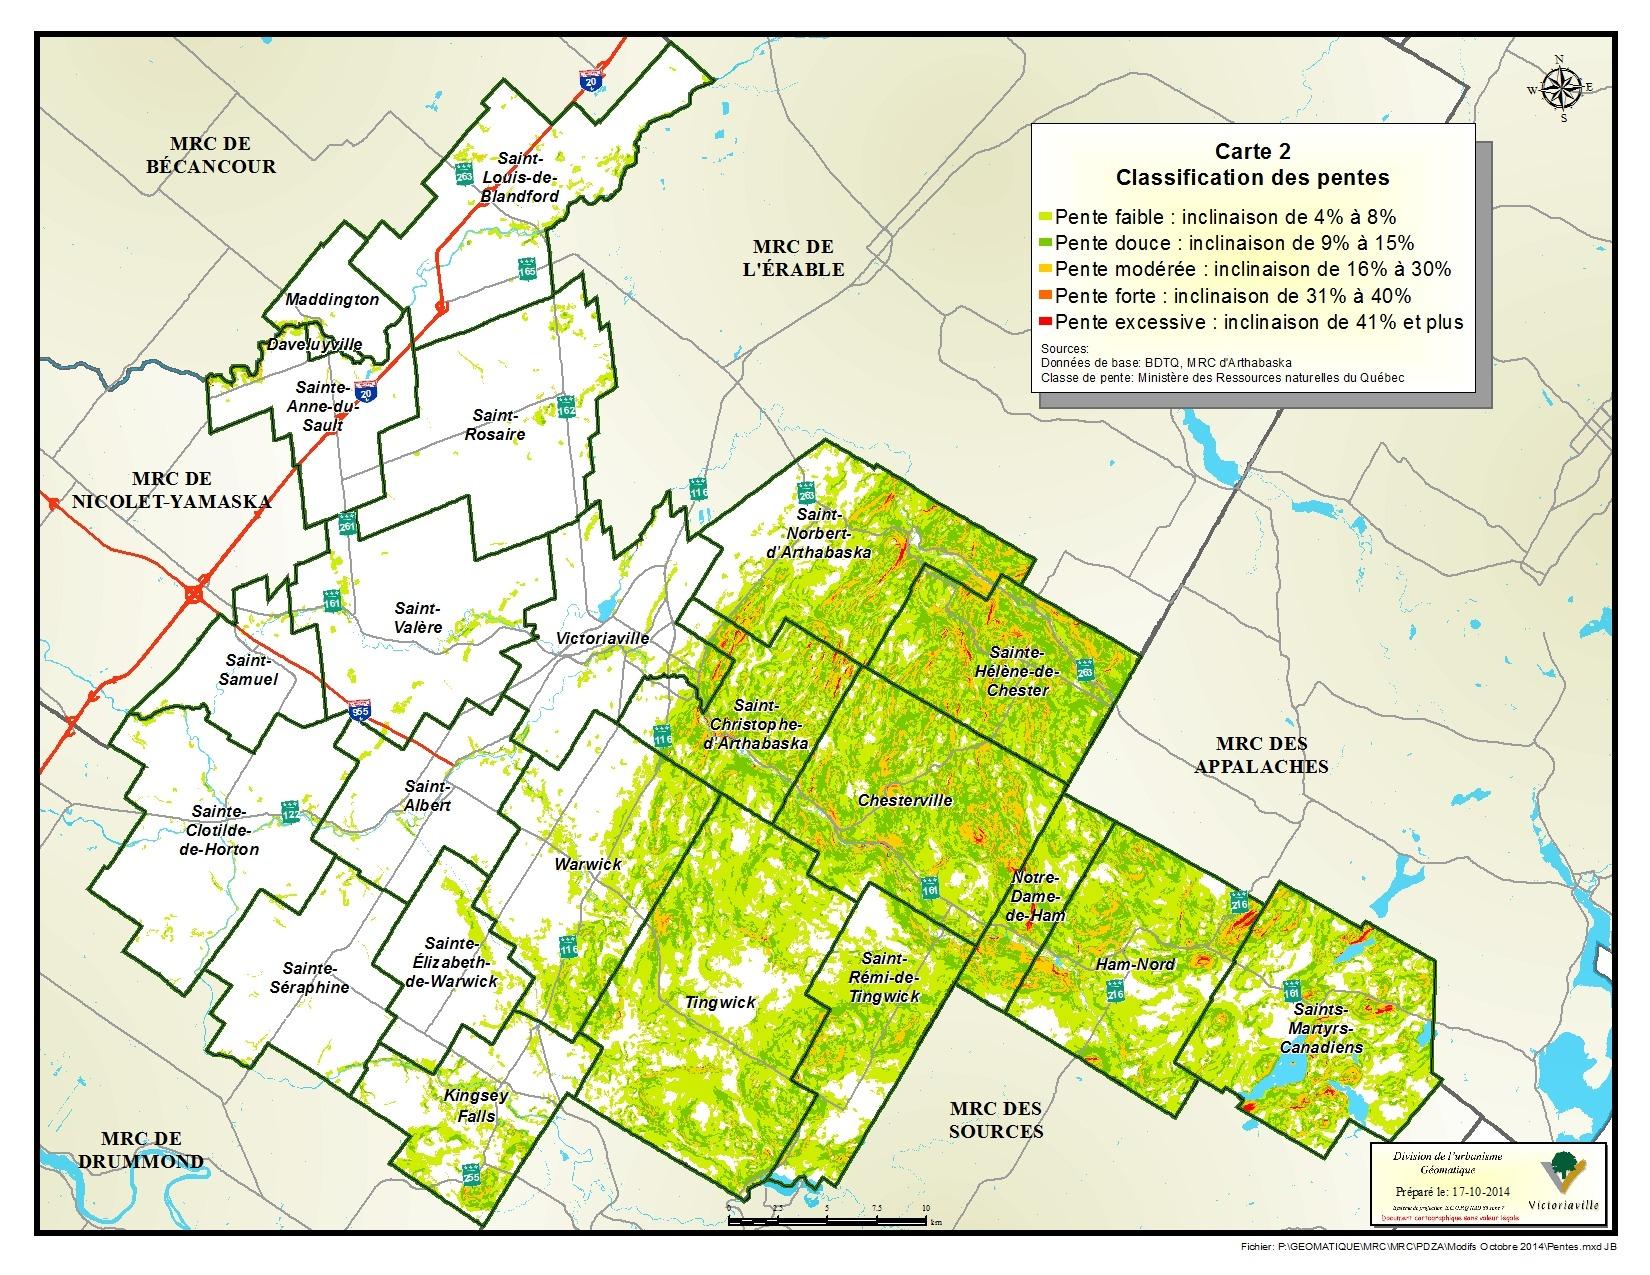 Carte 2 de 23 - Classification des pentes